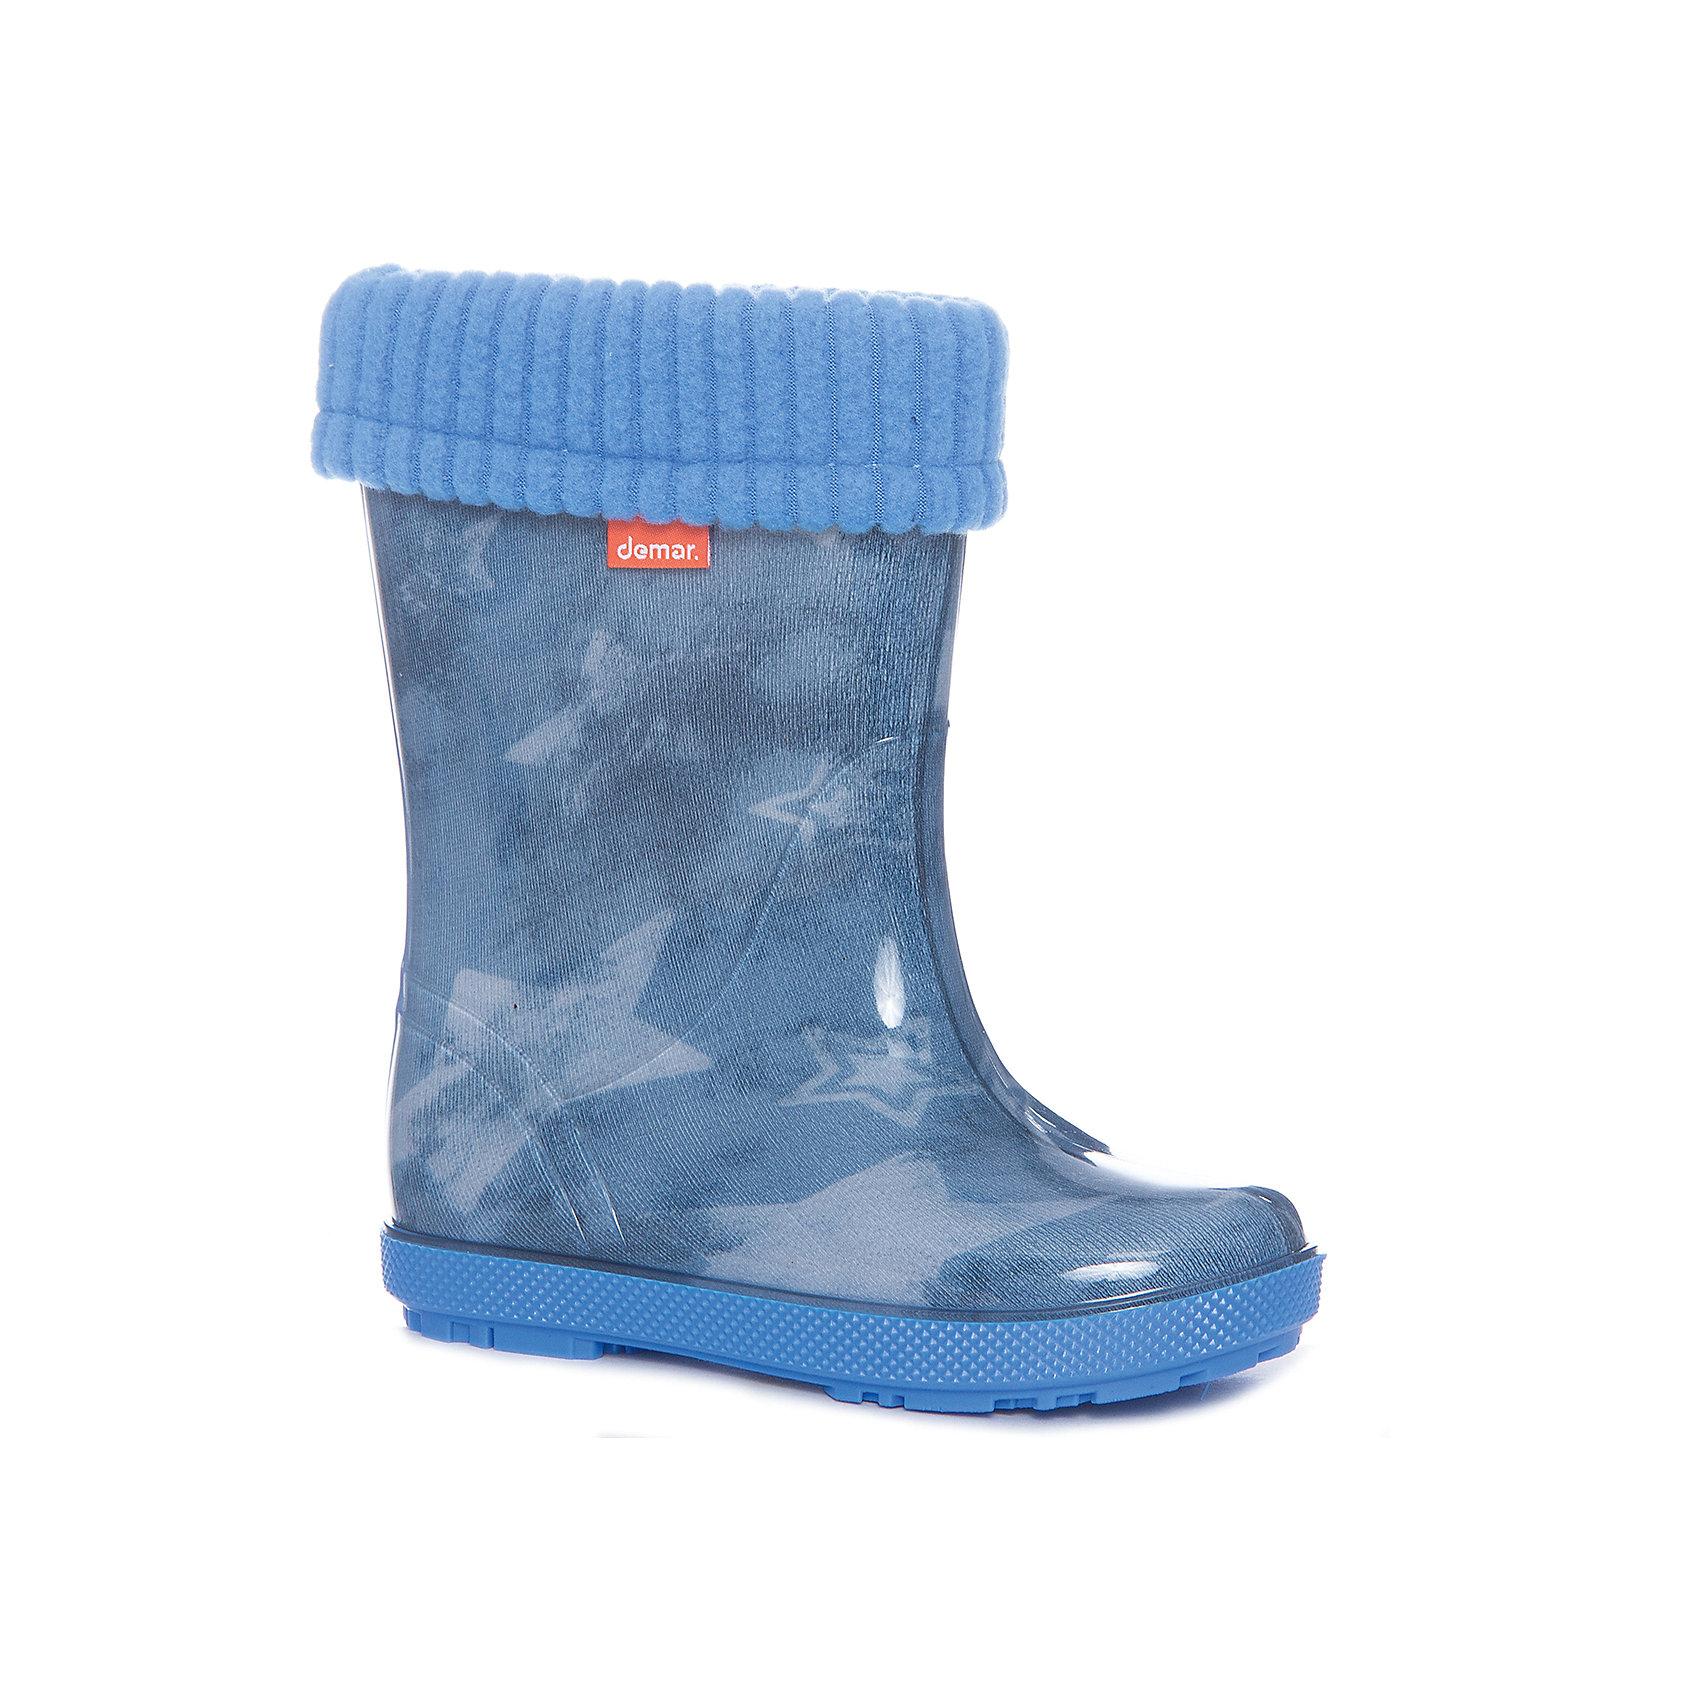 Резиновые сапоги Hawai Lux Print для мальчика DEMARХарактеристики товара:<br><br>• цвет: голубой<br>• материал верха: ПВХ<br>• материал подкладки: текстиль <br>• материал подошвы: ПВХ<br>• температурный режим: от 0° до +15° С<br>• верх не продувается<br>• съемный чулок<br>• стильный дизайн<br>• страна бренда: Польша<br>• страна изготовитель: Польша<br><br>Осенью и весной ребенку не обойтись без непромокаемых сапожек! Чтобы не пропустить главные удовольствия межсезонья, нужно запастись удобной обувью. Такие сапожки обеспечат ребенку необходимый для активного отдыха комфорт, а подкладка из текстиля позволит ножкам оставаться теплыми. Сапожки легко надеваются и снимаются, отлично сидят на ноге. Они удивительно легкие!<br>Обувь от польского бренда Demar - это качественные товары, созданные с применением новейших технологий и с использованием как натуральных, так и высокотехнологичных материалов. Обувь отличается стильным дизайном и продуманной конструкцией. Изделие производится из качественных и проверенных материалов, которые безопасны для детей.<br><br>Сапожки от бренда Demar (Демар) можно купить в нашем интернет-магазине.<br><br>Ширина мм: 257<br>Глубина мм: 180<br>Высота мм: 130<br>Вес г: 420<br>Цвет: синий<br>Возраст от месяцев: 21<br>Возраст до месяцев: 36<br>Пол: Мужской<br>Возраст: Детский<br>Размер: 24/25,26/27,22/23<br>SKU: 4916640